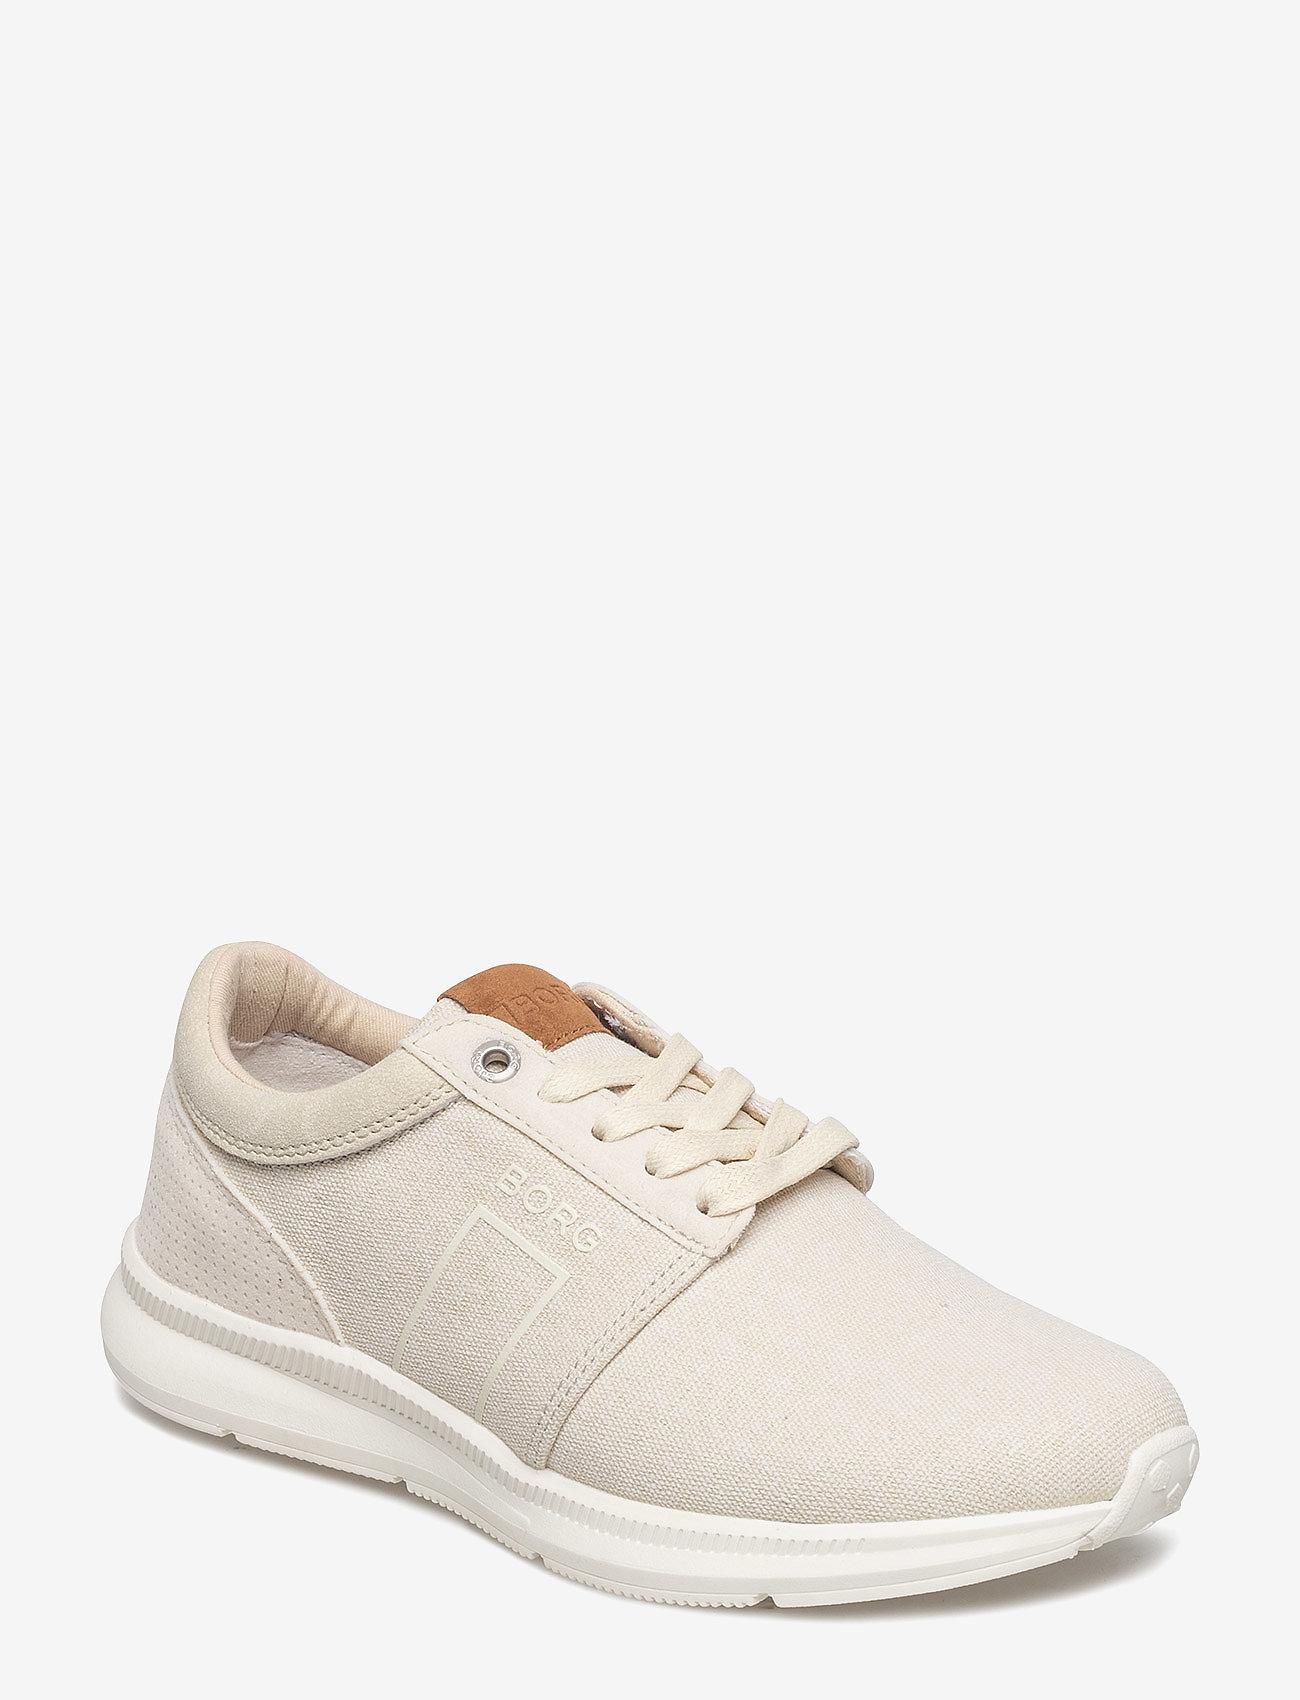 Björn Borg - R500 Low Cvs W - low top sneakers - beige - 0